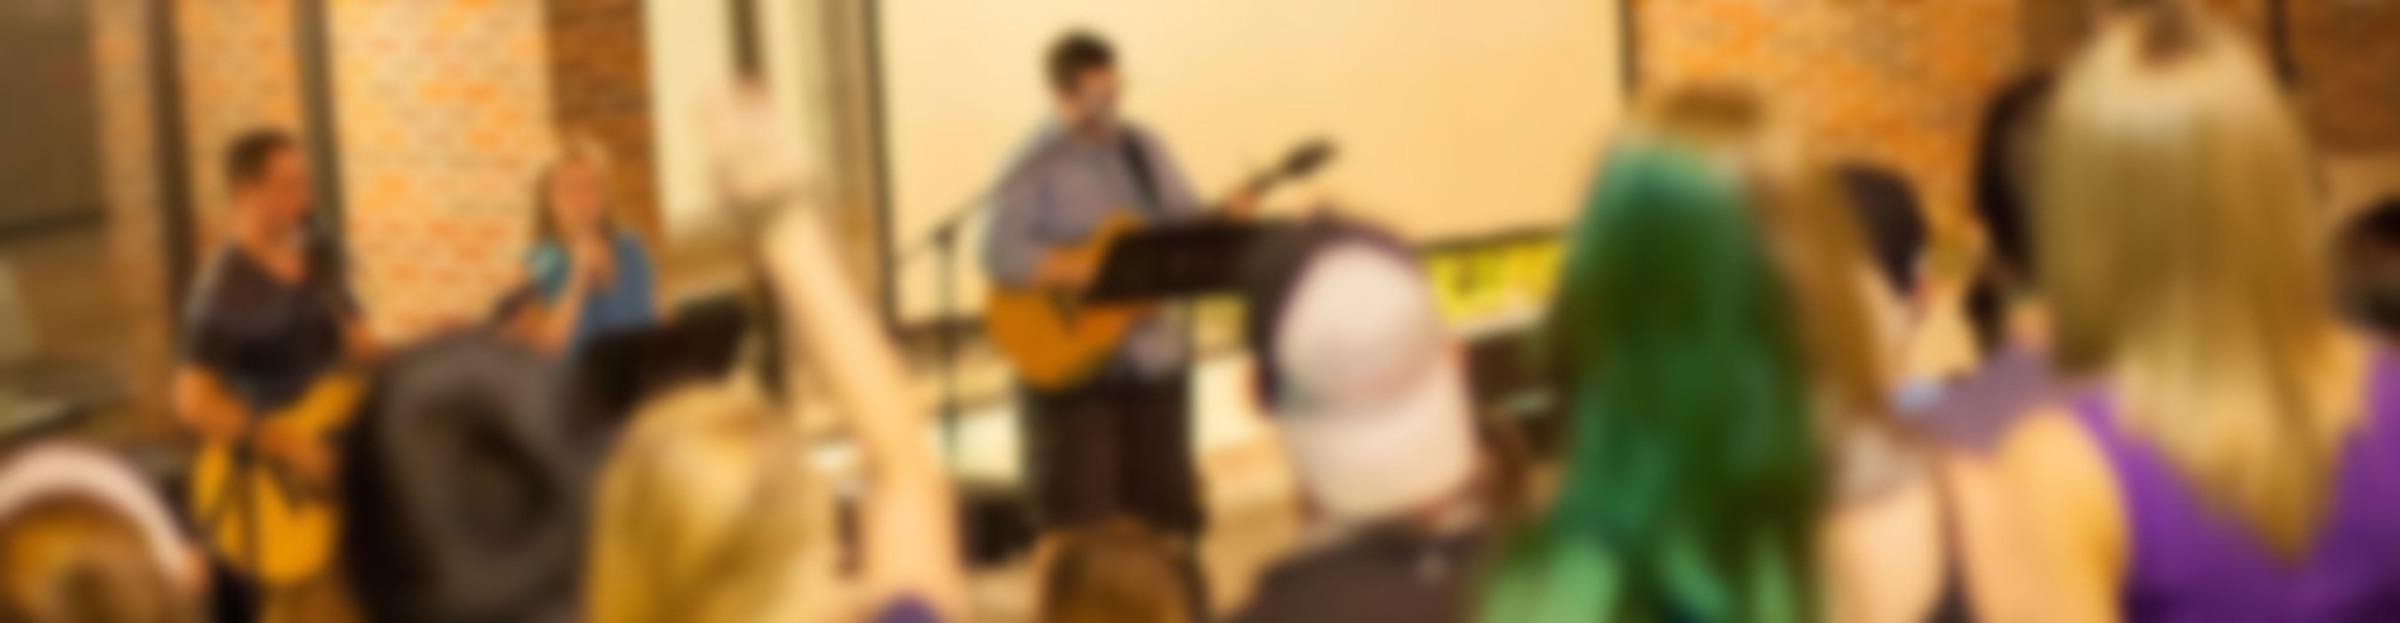 church-music_blur-banner_xl